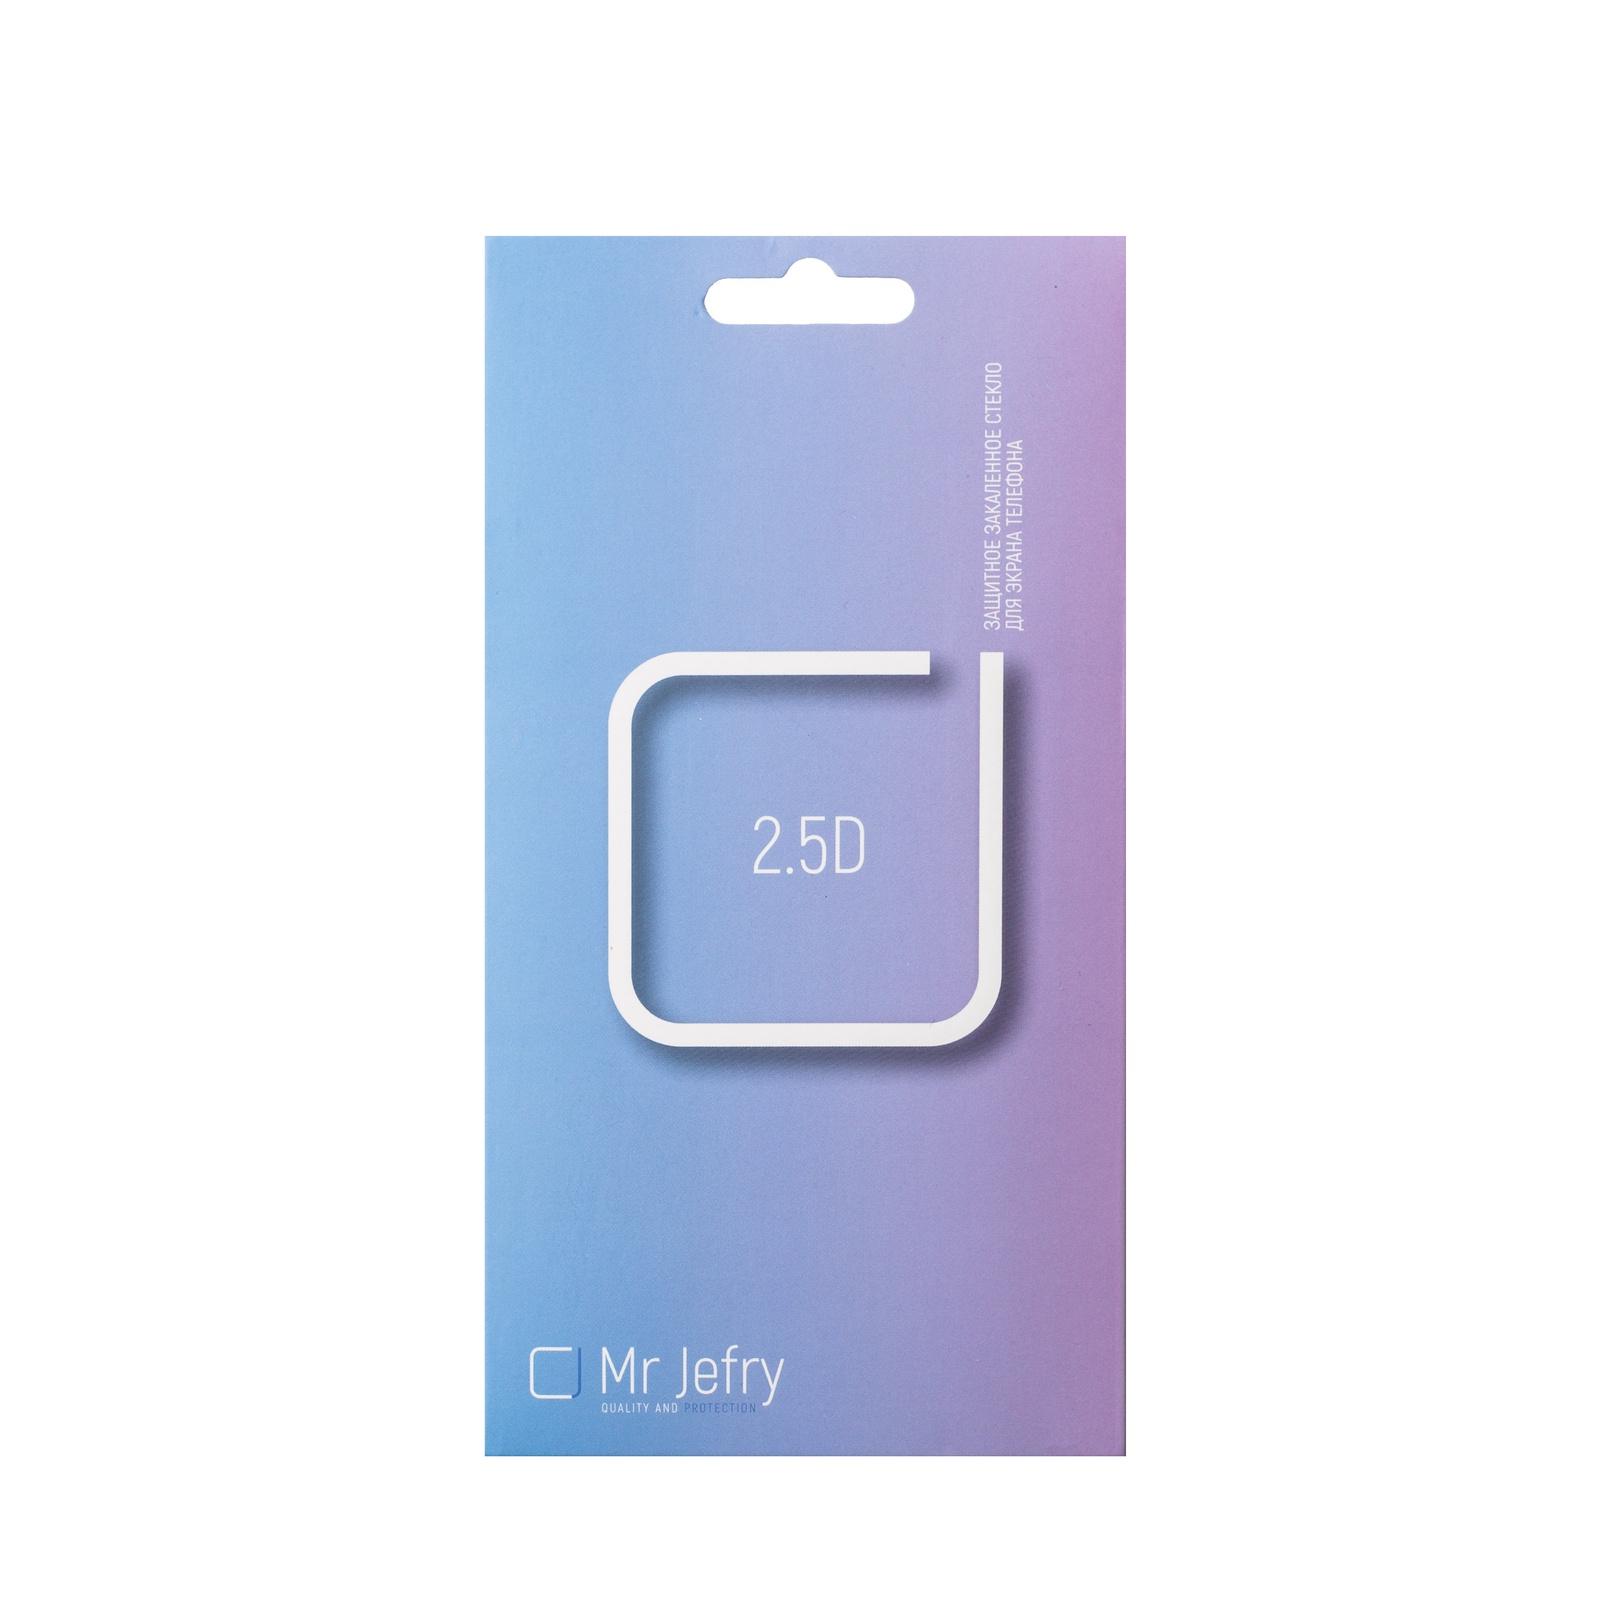 Mr Jefry стекло защитное (многослойное) 2,5D для Samsung J2